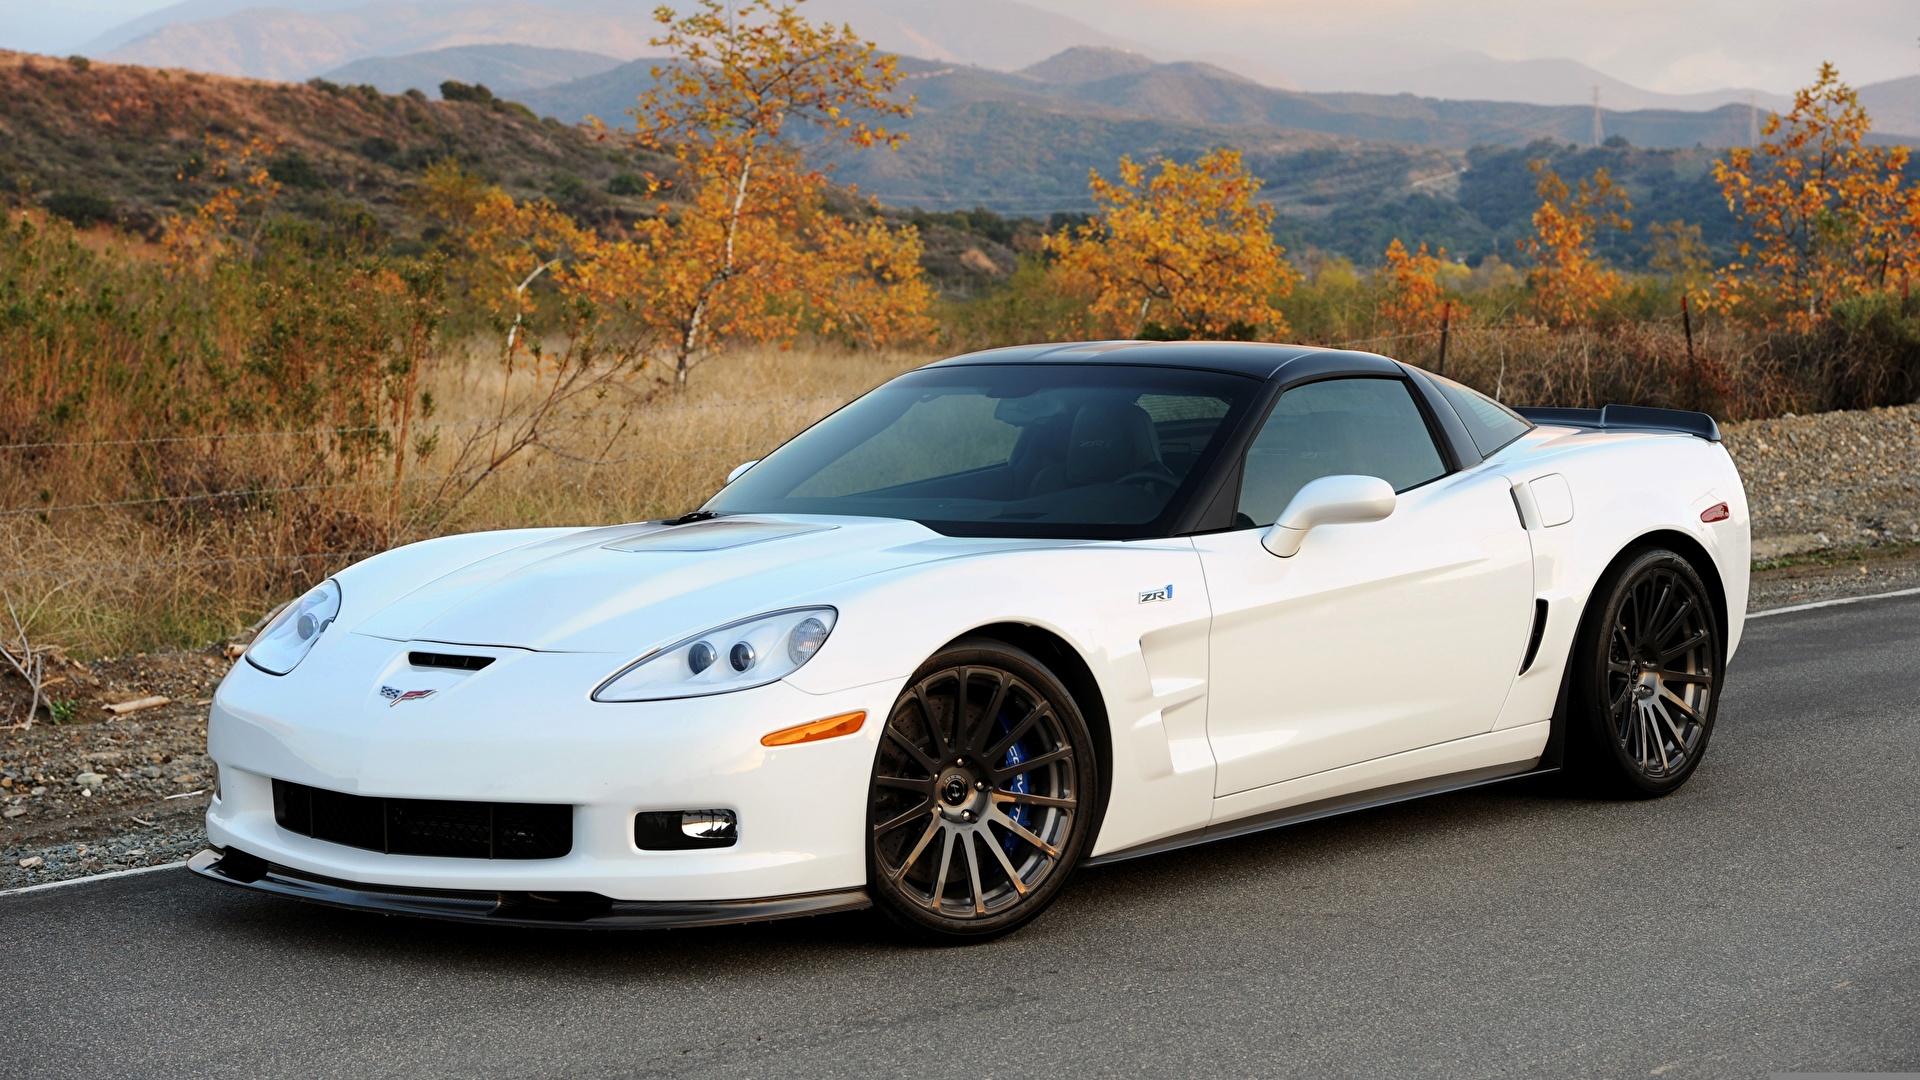 2011 Corvette Wallpapers